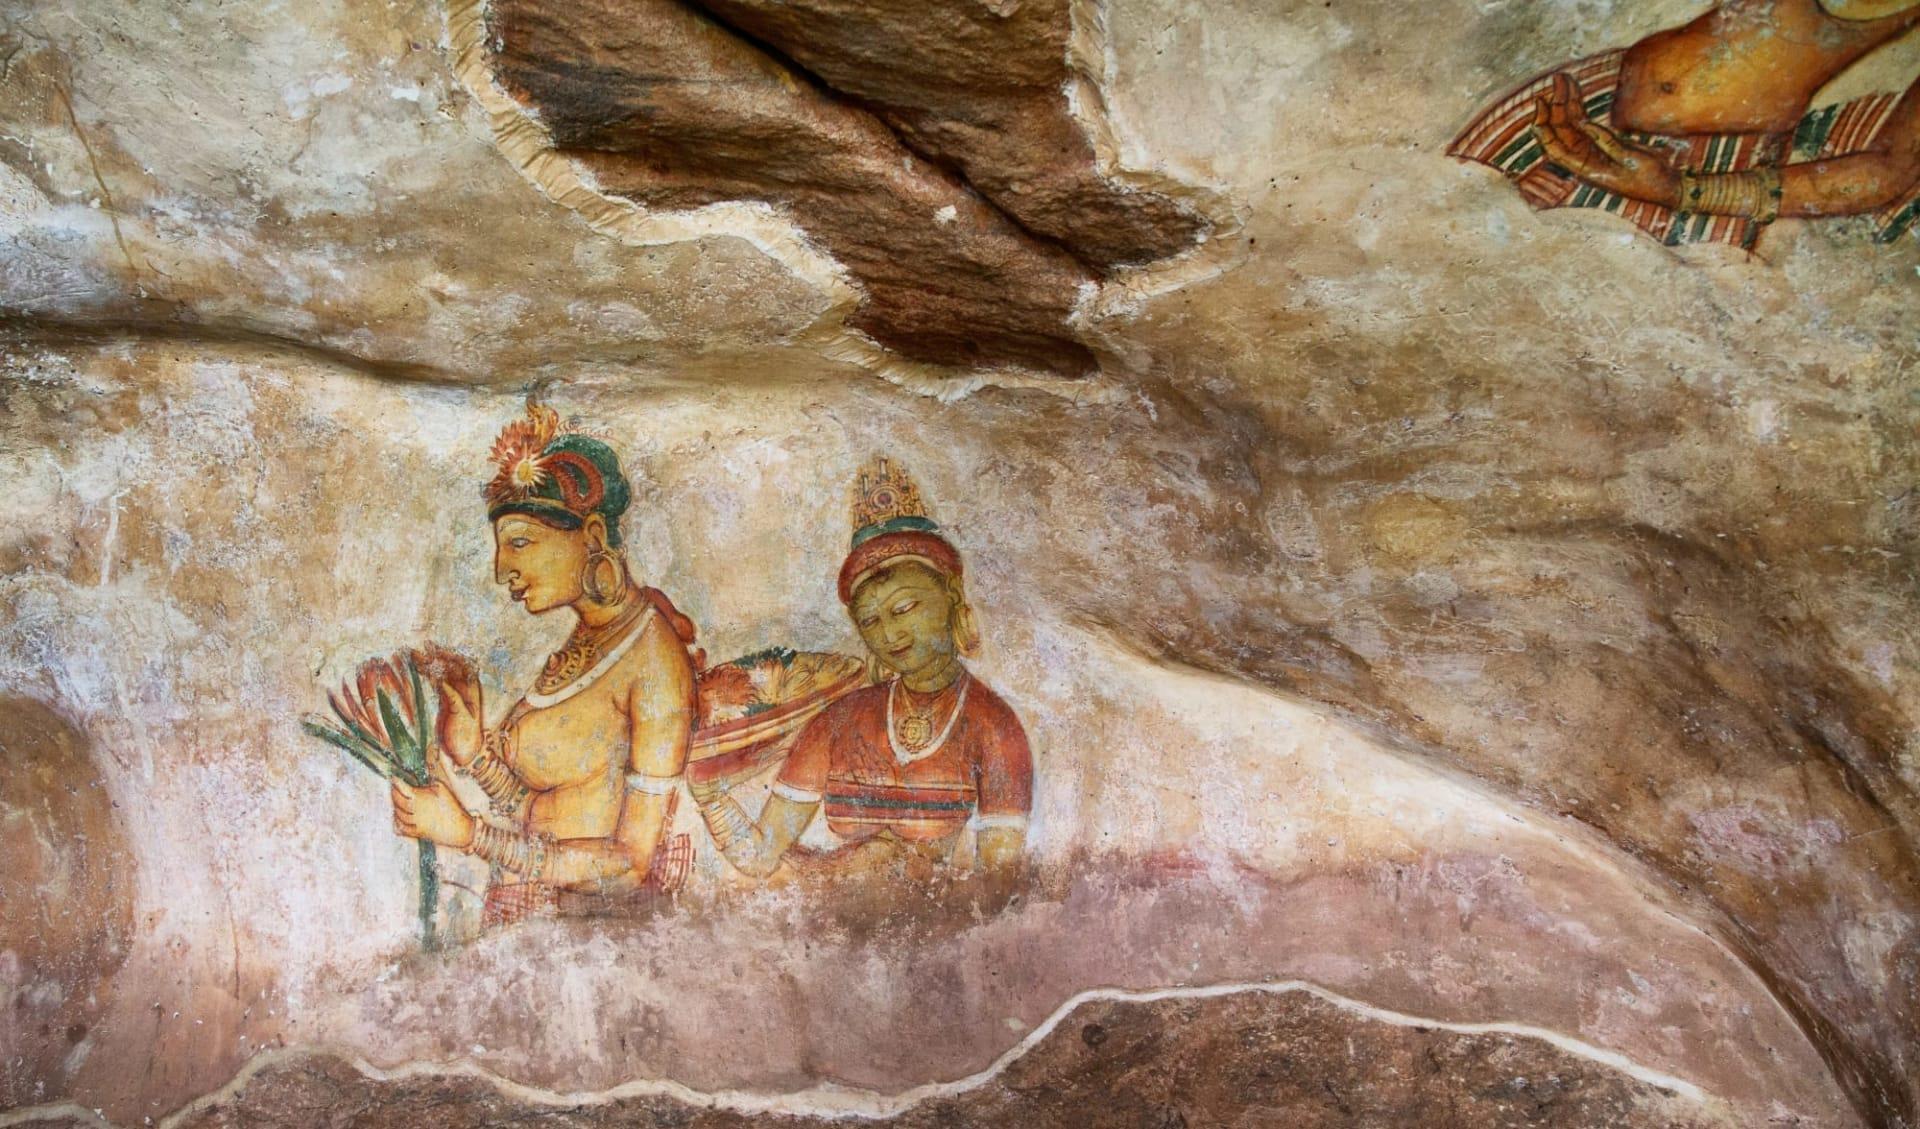 Sri Lanka aktiv erleben ab Colombo: Sigiriya